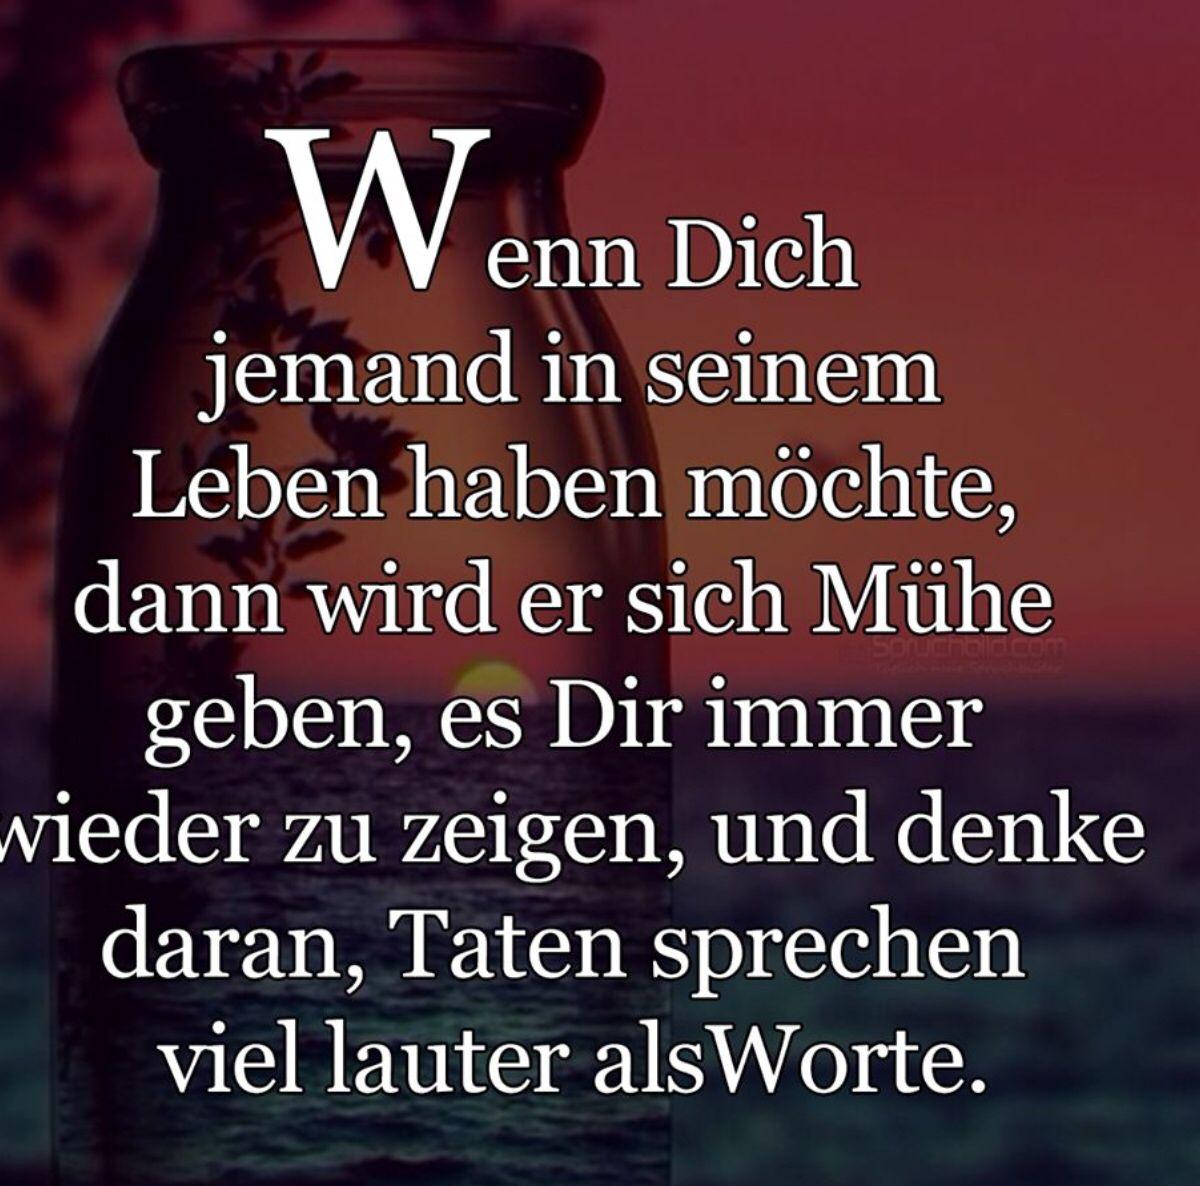 sprüche   Wahre Worte & Weisheiten   Pinterest   Sprüche, Mund und ...